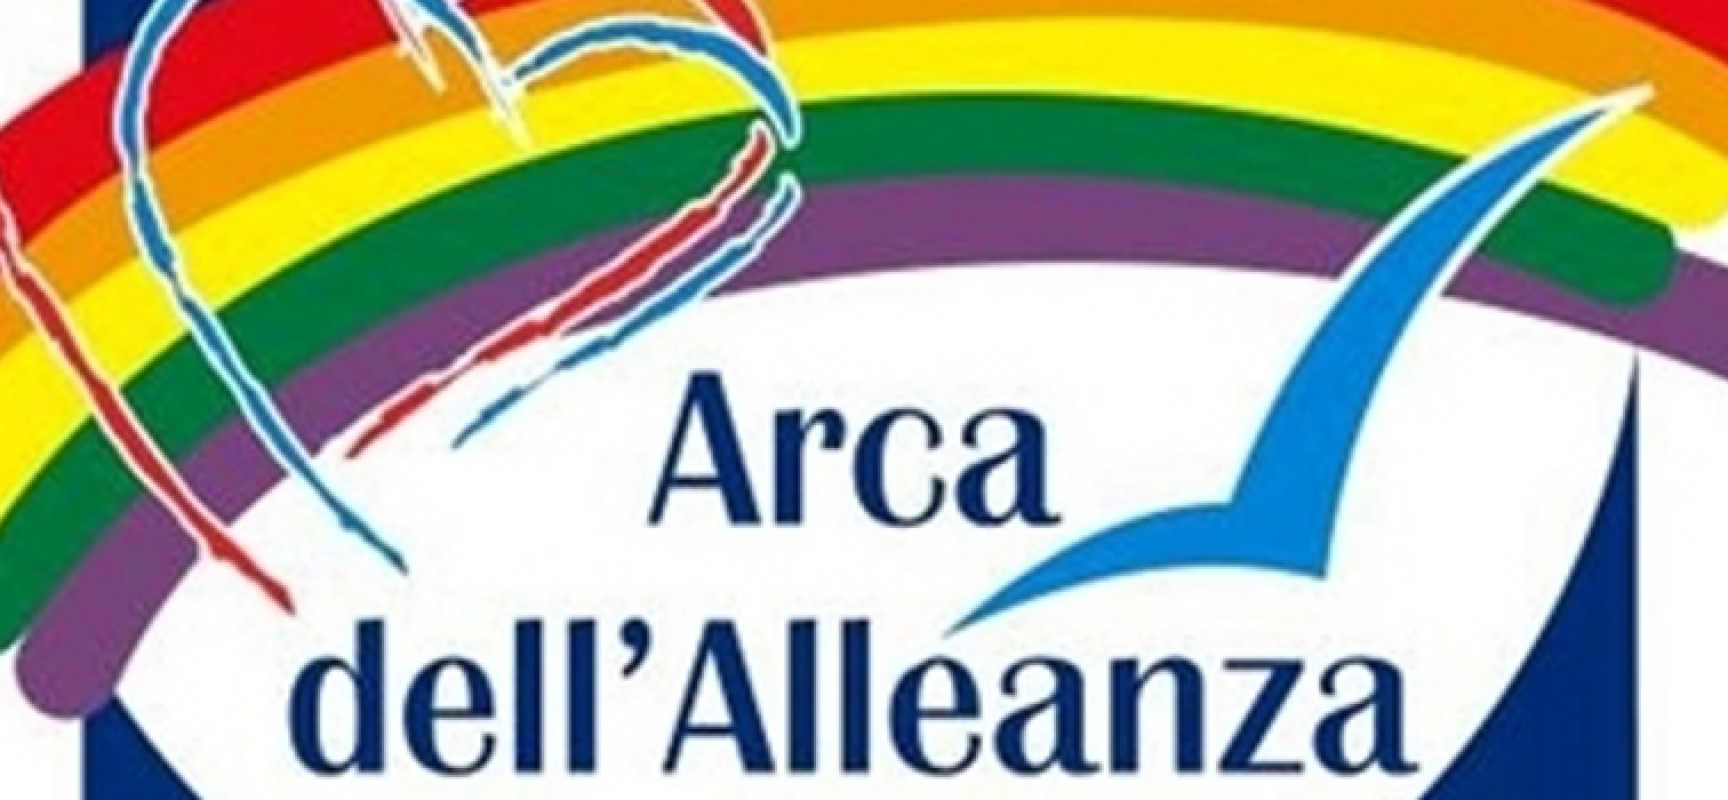 """""""La relazione: linguaggio d'amore e di guarigione"""", seminario organizzato dall'Arca dell'Alleanza"""